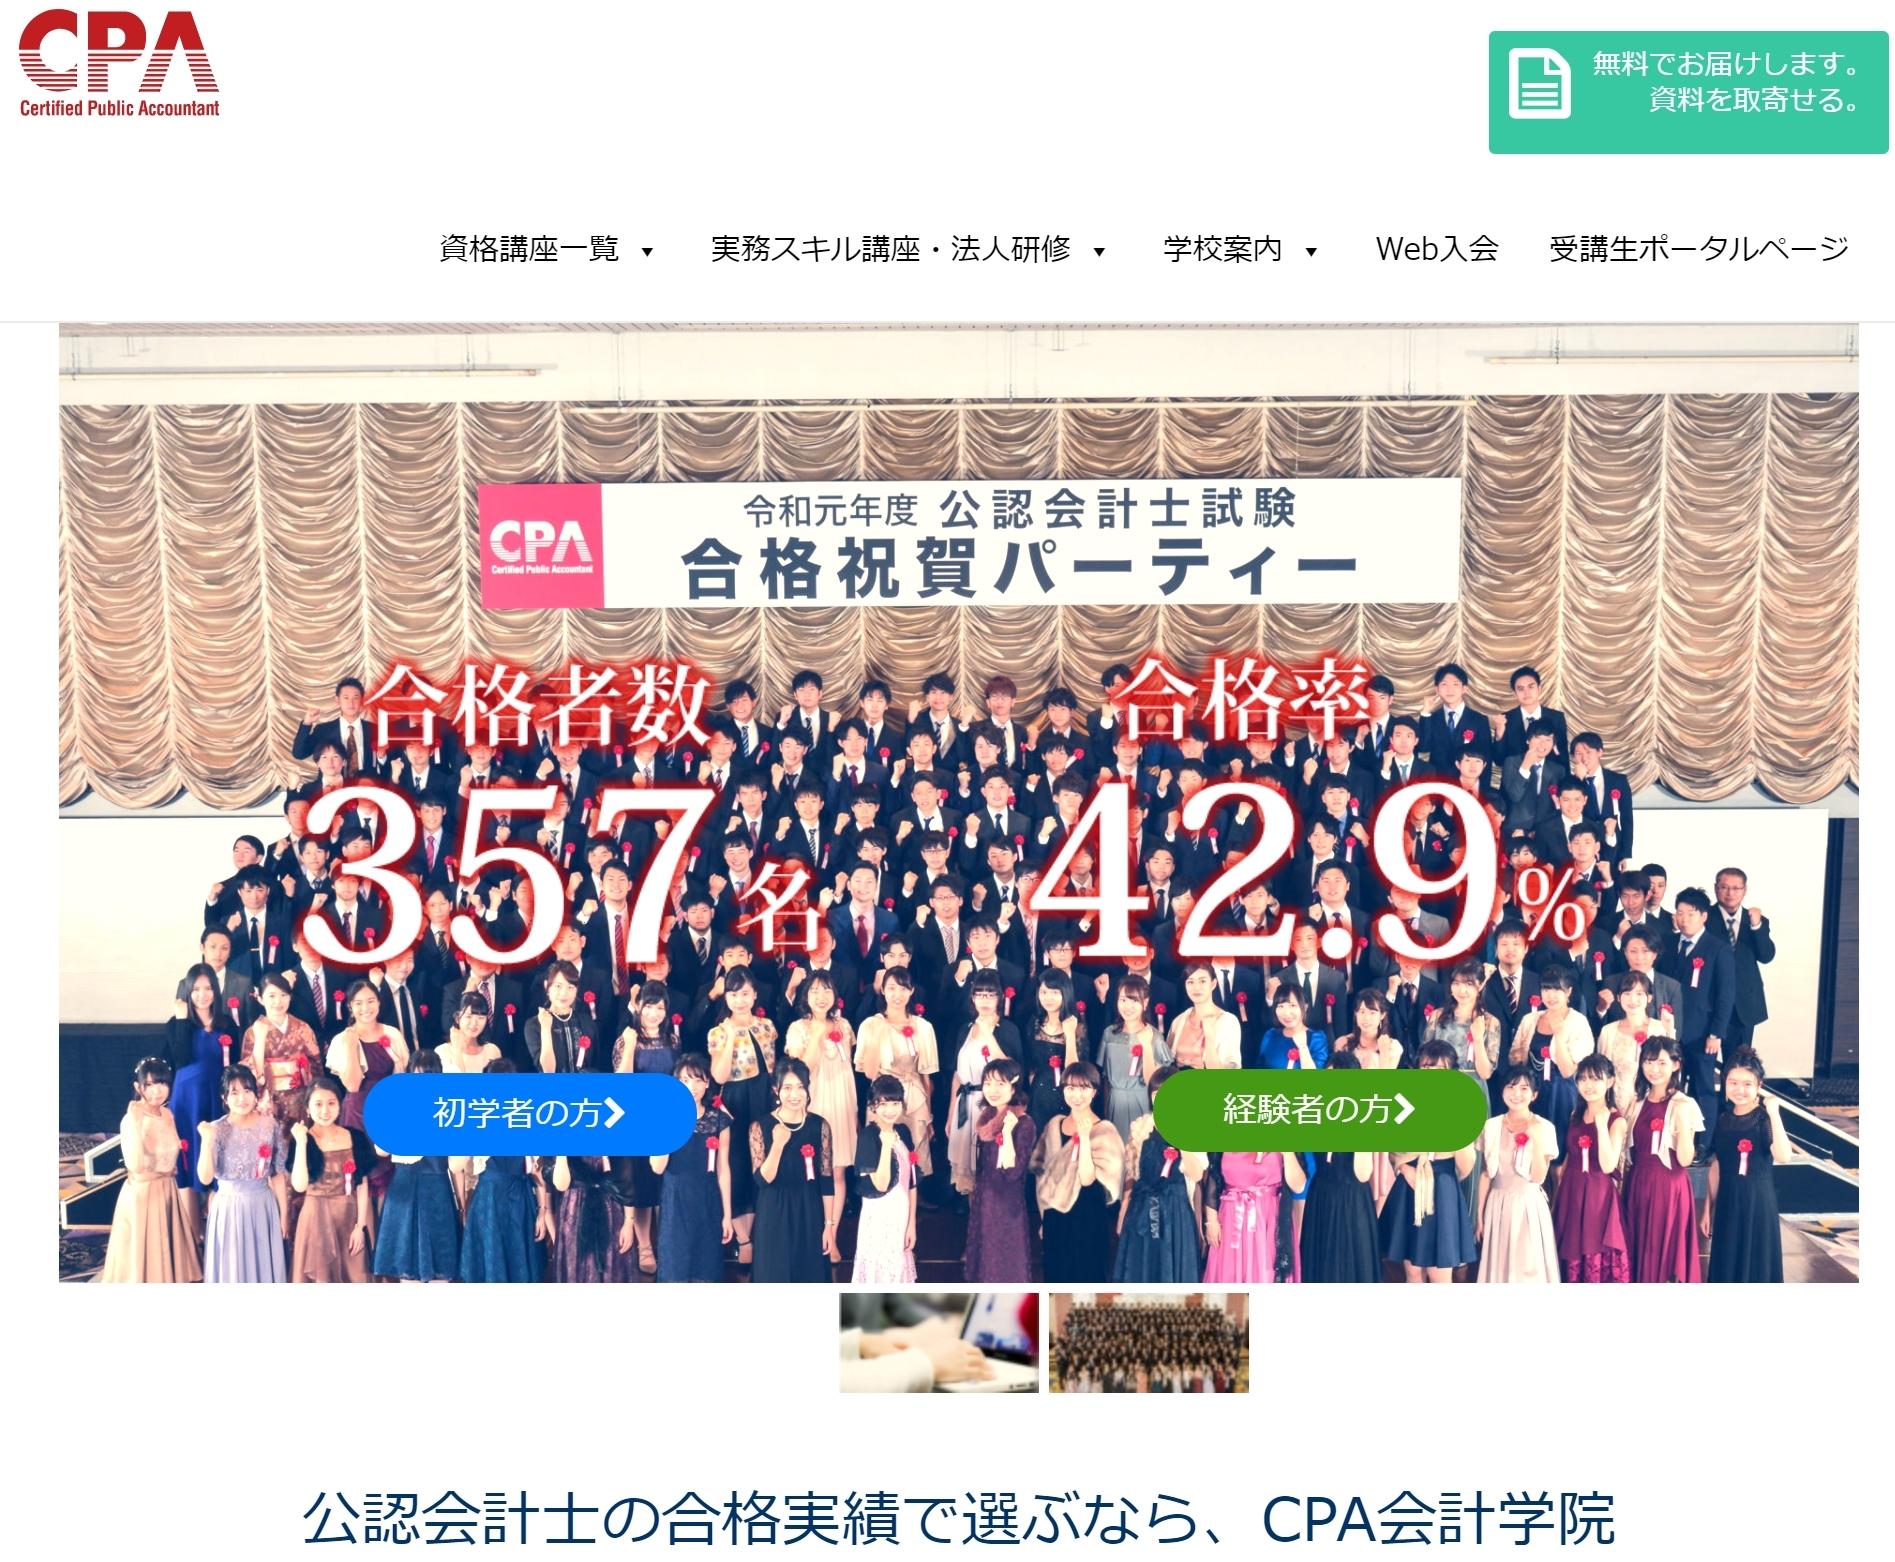 東京CPA 公認会計士講座